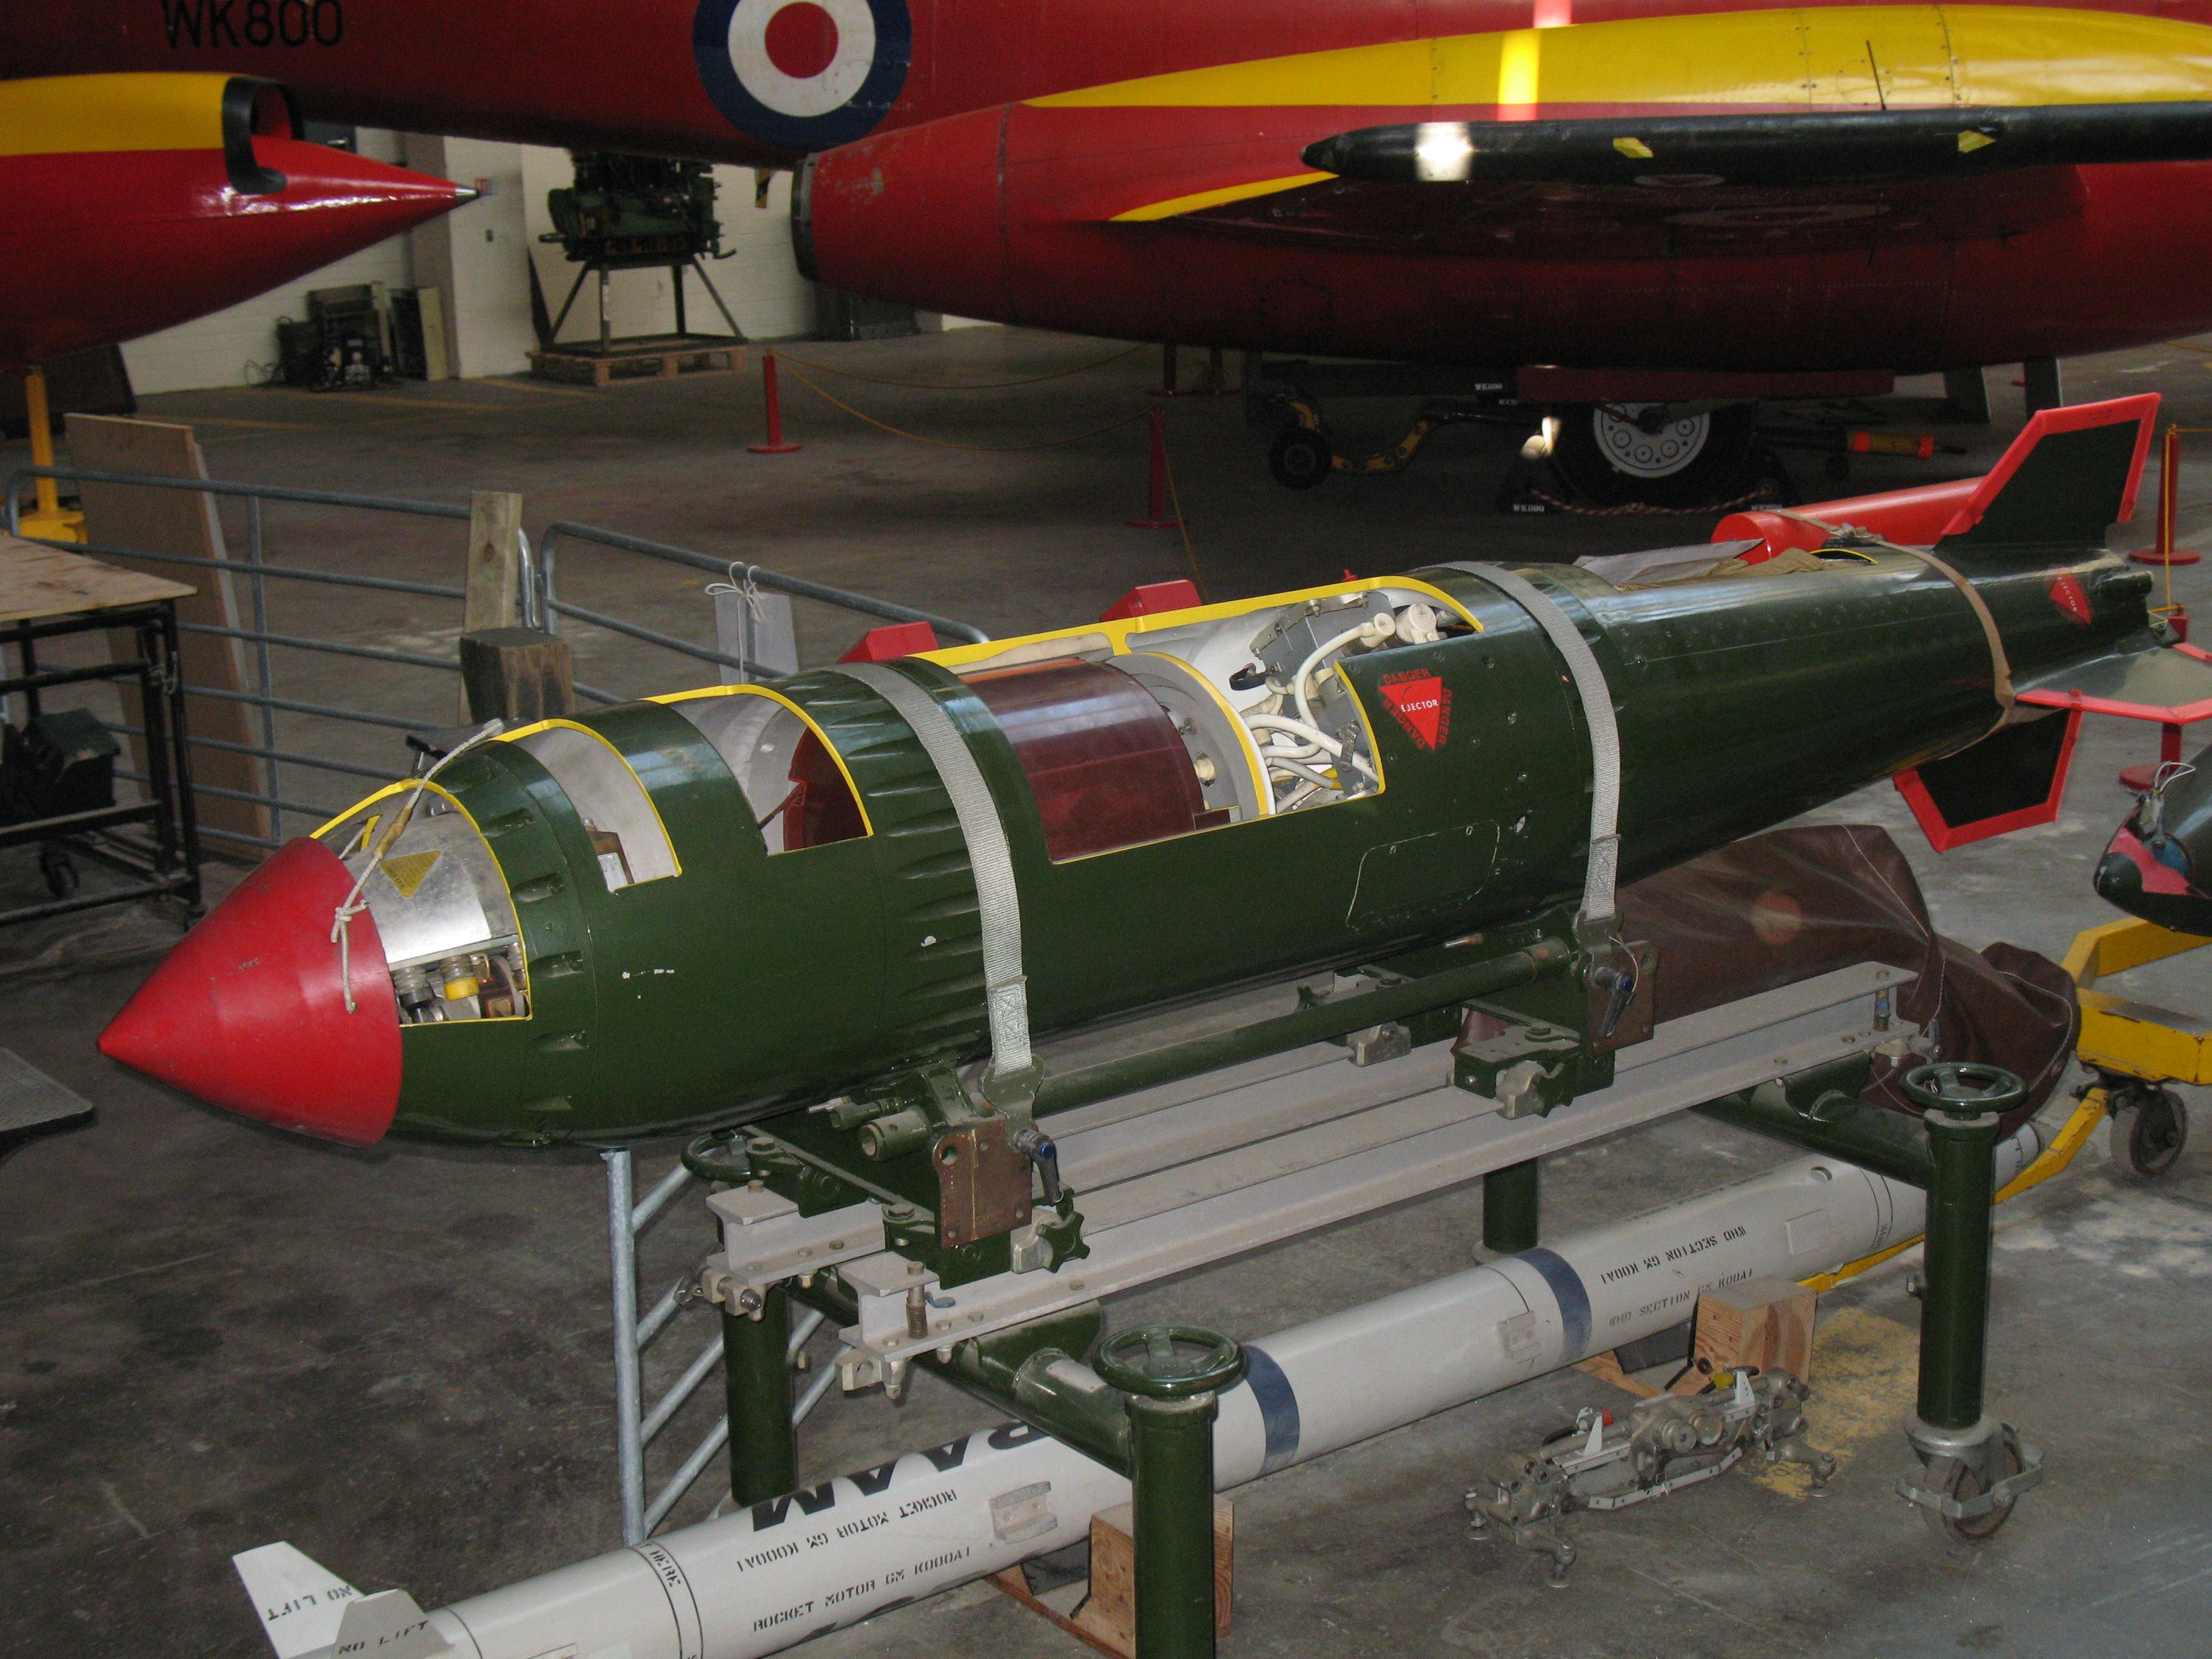 making bombs for hitler pdf free